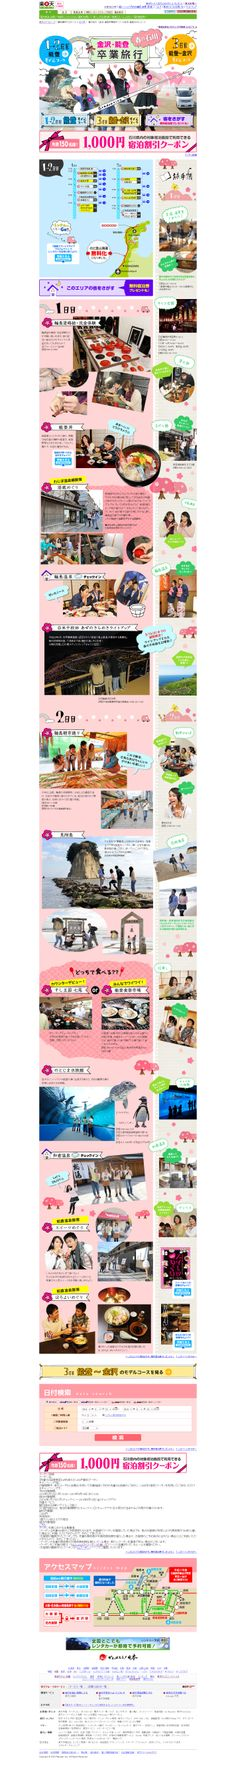 【旅頃】【石川県】卒業旅行特集 にぎやか ピンク 緑 春 http://travel.rakuten.co.jp/movement/ishikawa/201402/